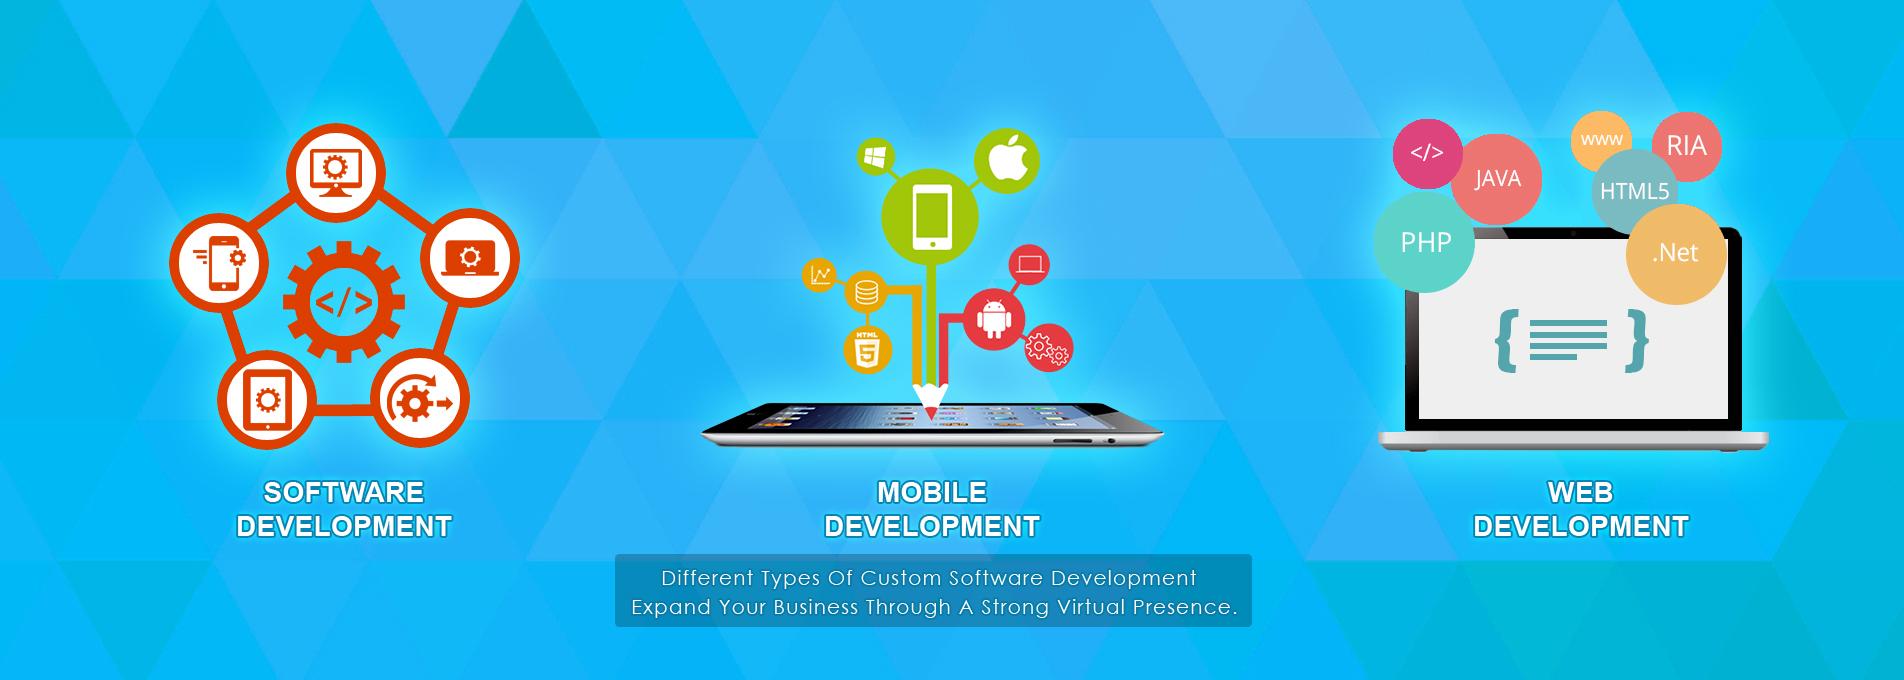 Website Designing Company In Delhi India Software Developement Company In Rohini App Development Compnay Web Development Company Payment Integration Web Hosting Company Ecomerce Development Company